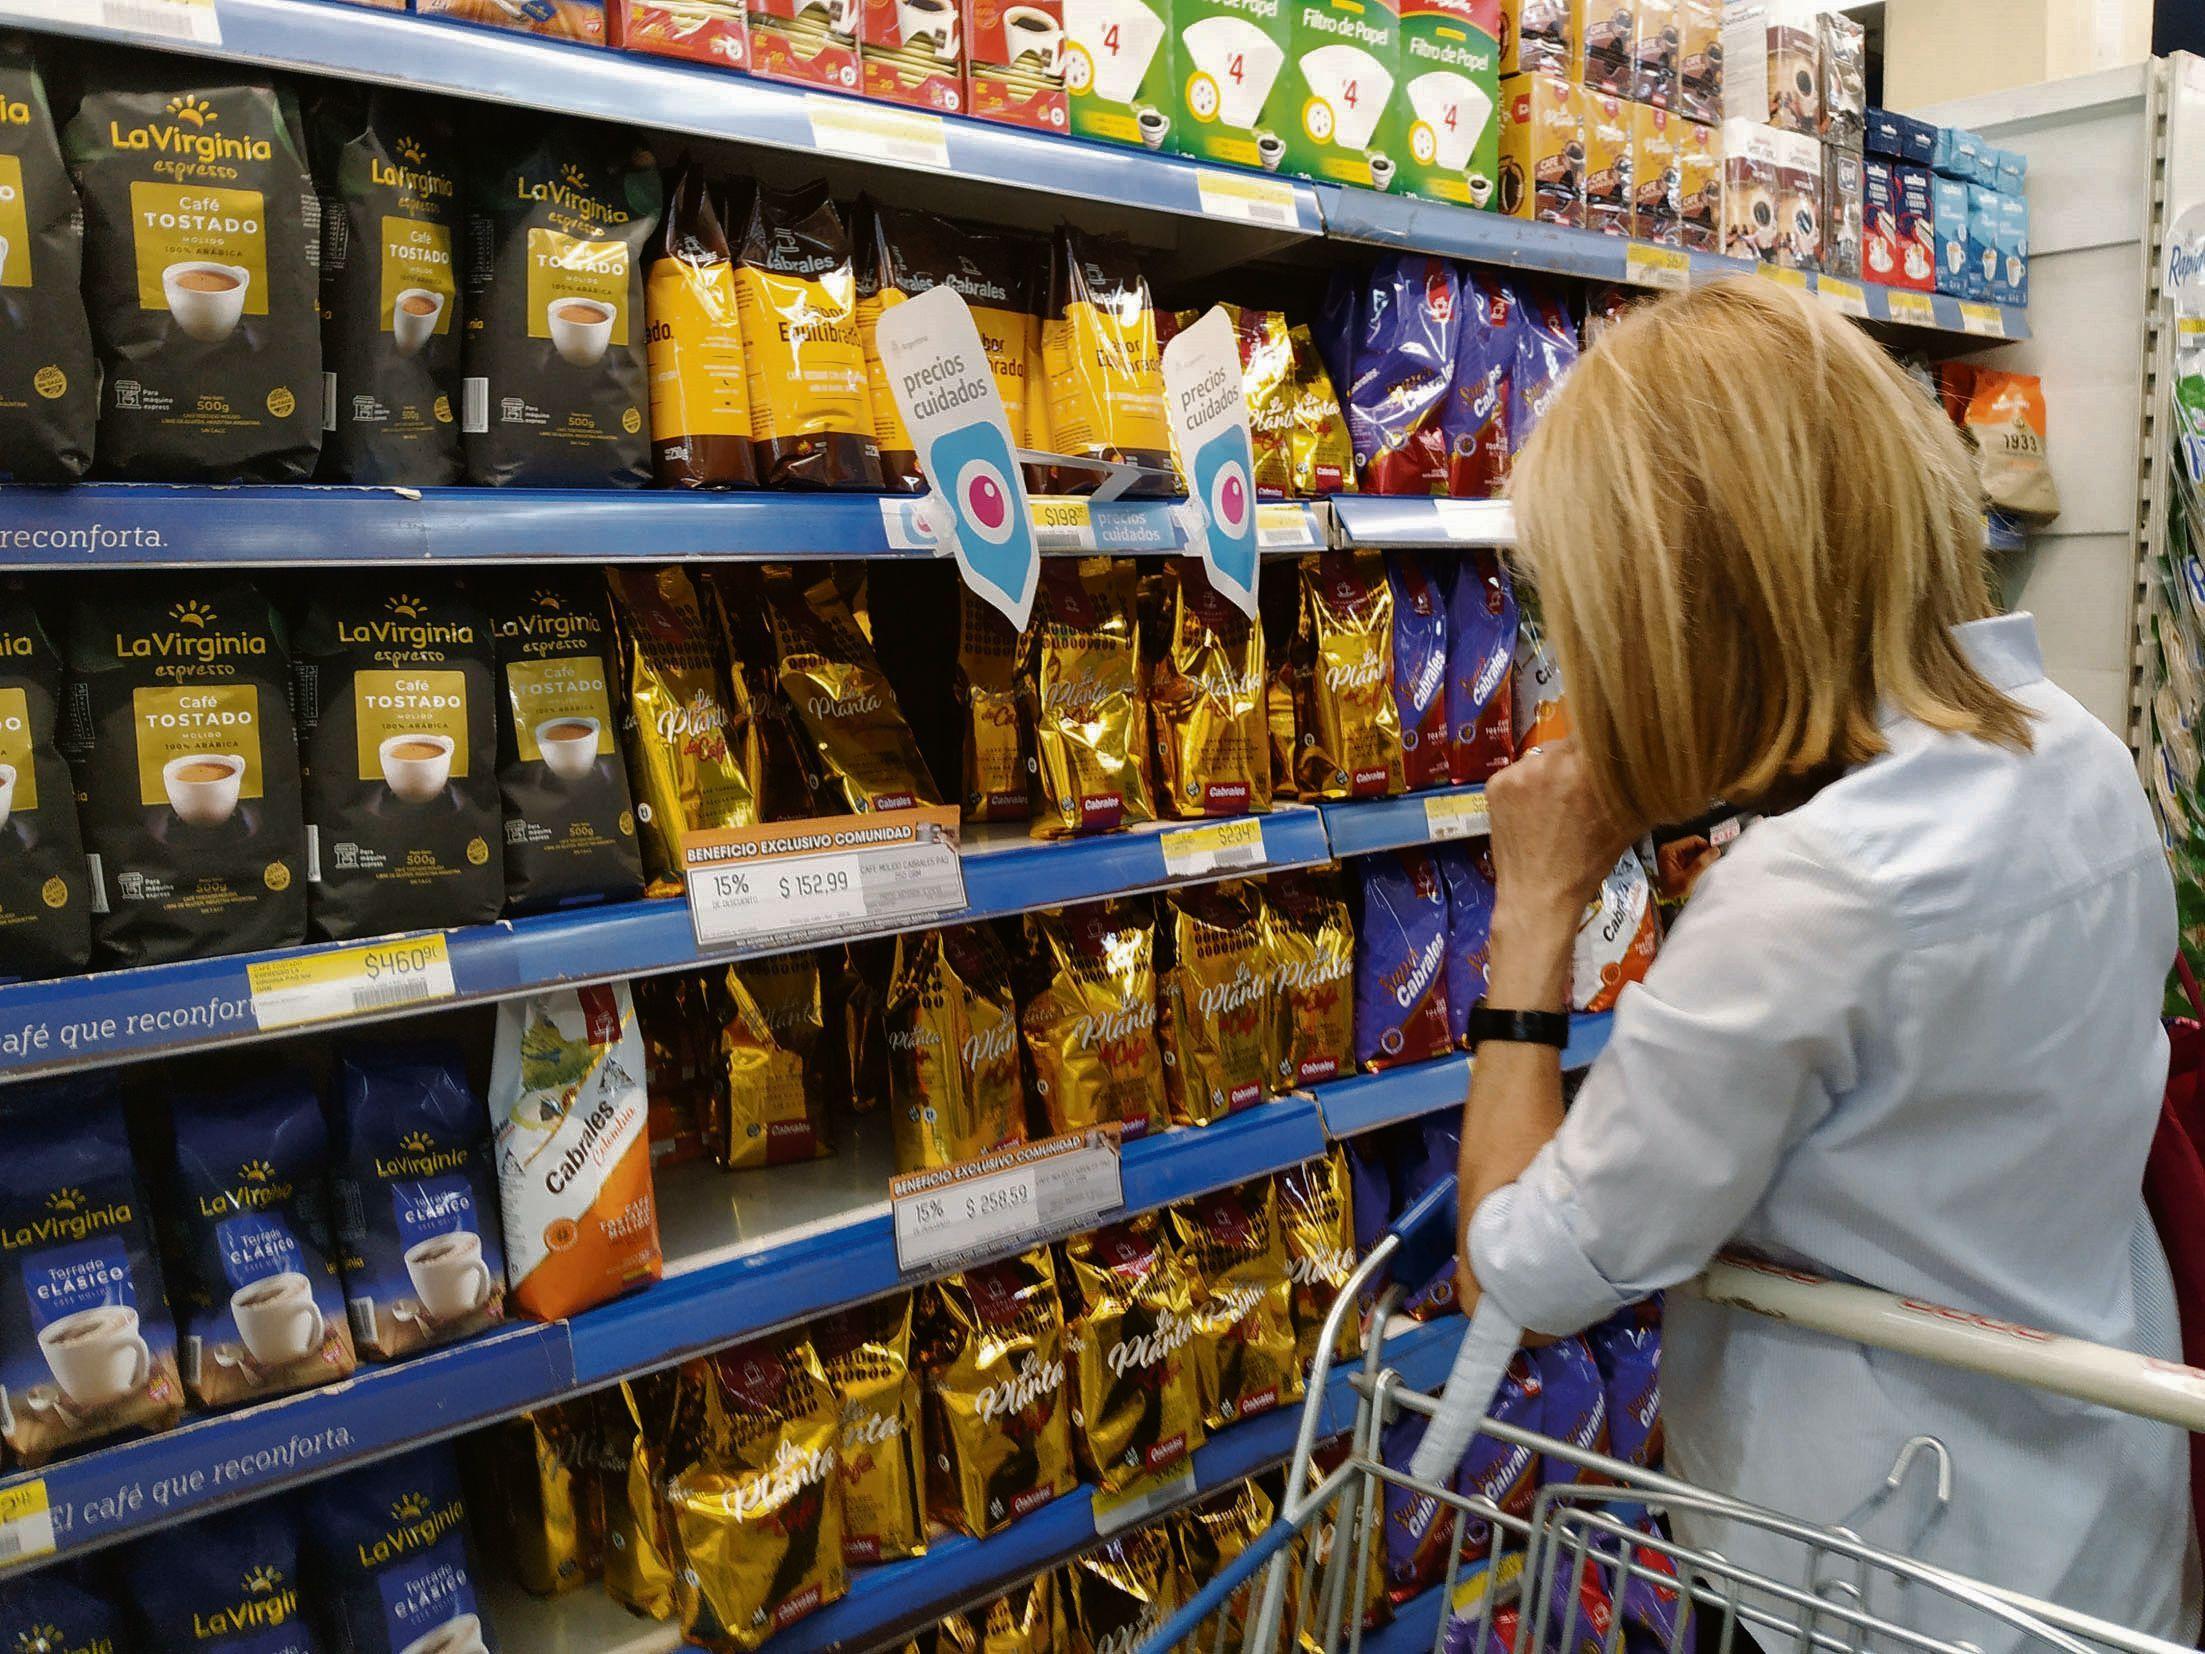 inflacion: roberto feletti no descarta aplicar leyes si los empresarios no cumplen con el congelamiento de precios